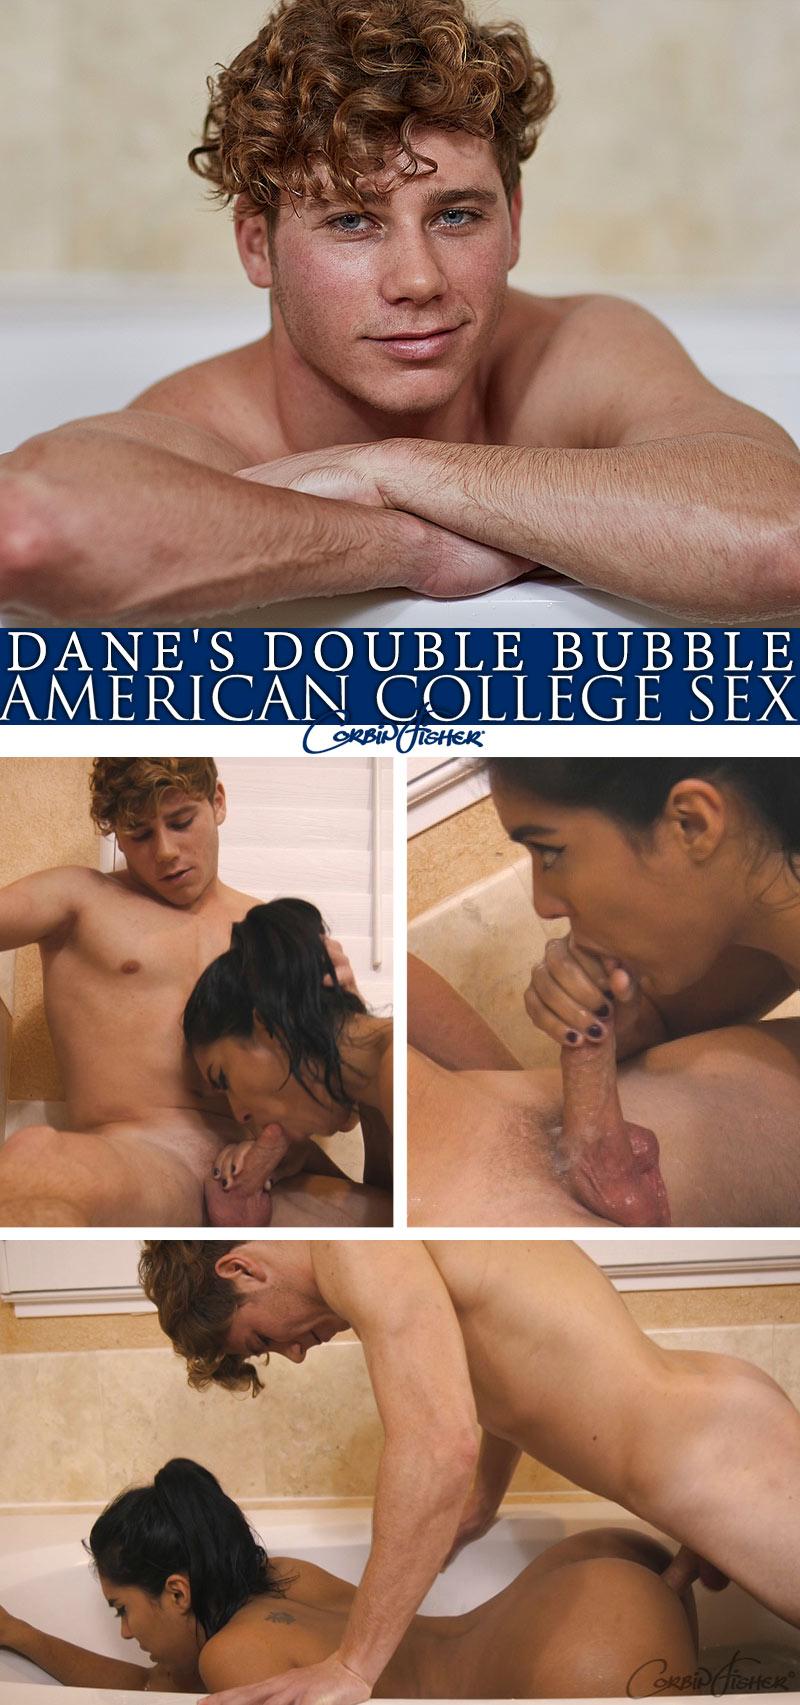 Dane's Double Bubble at AmateurCollegeSex